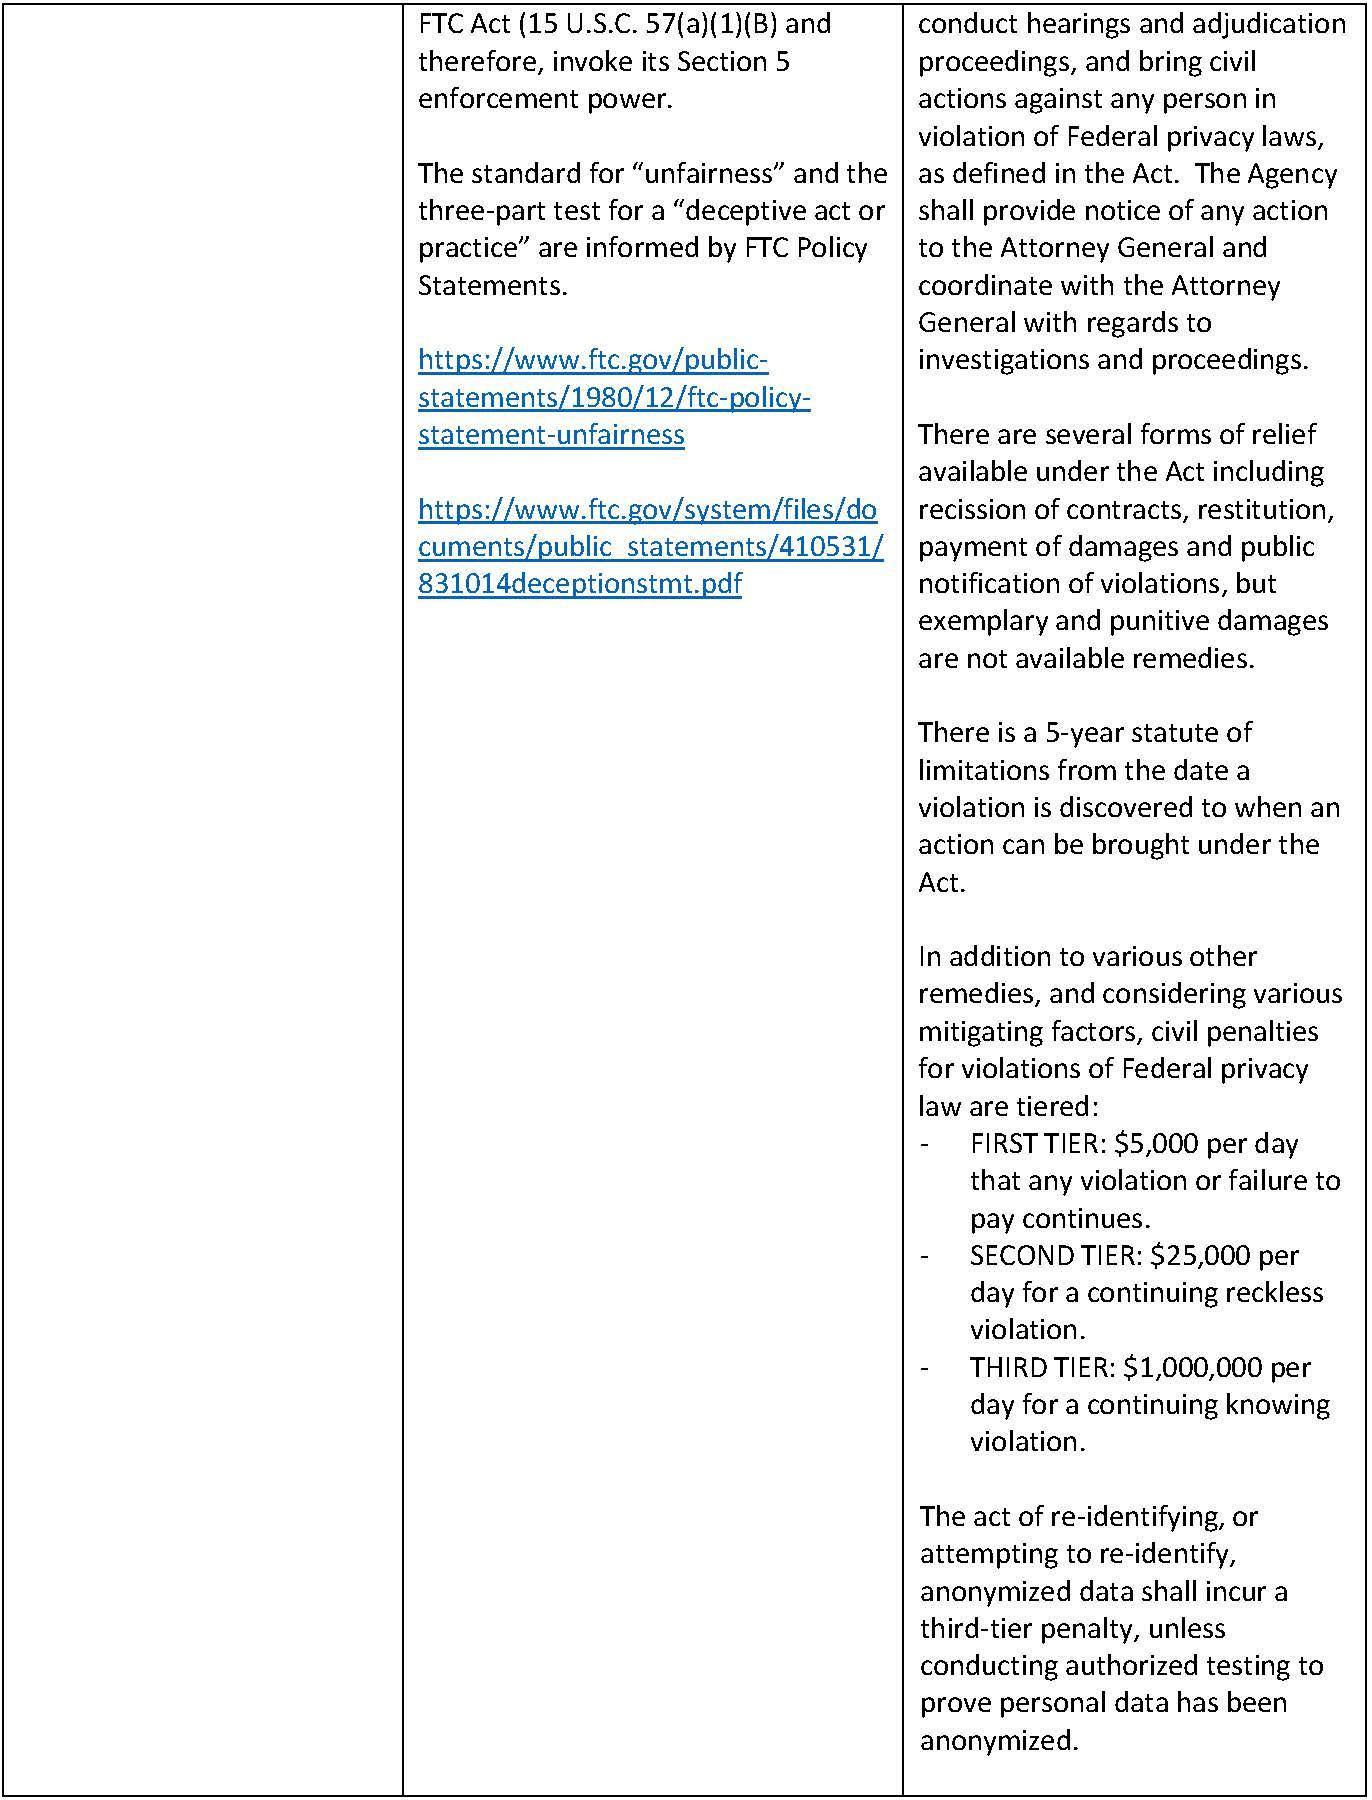 Feddatabillstwo Page 6